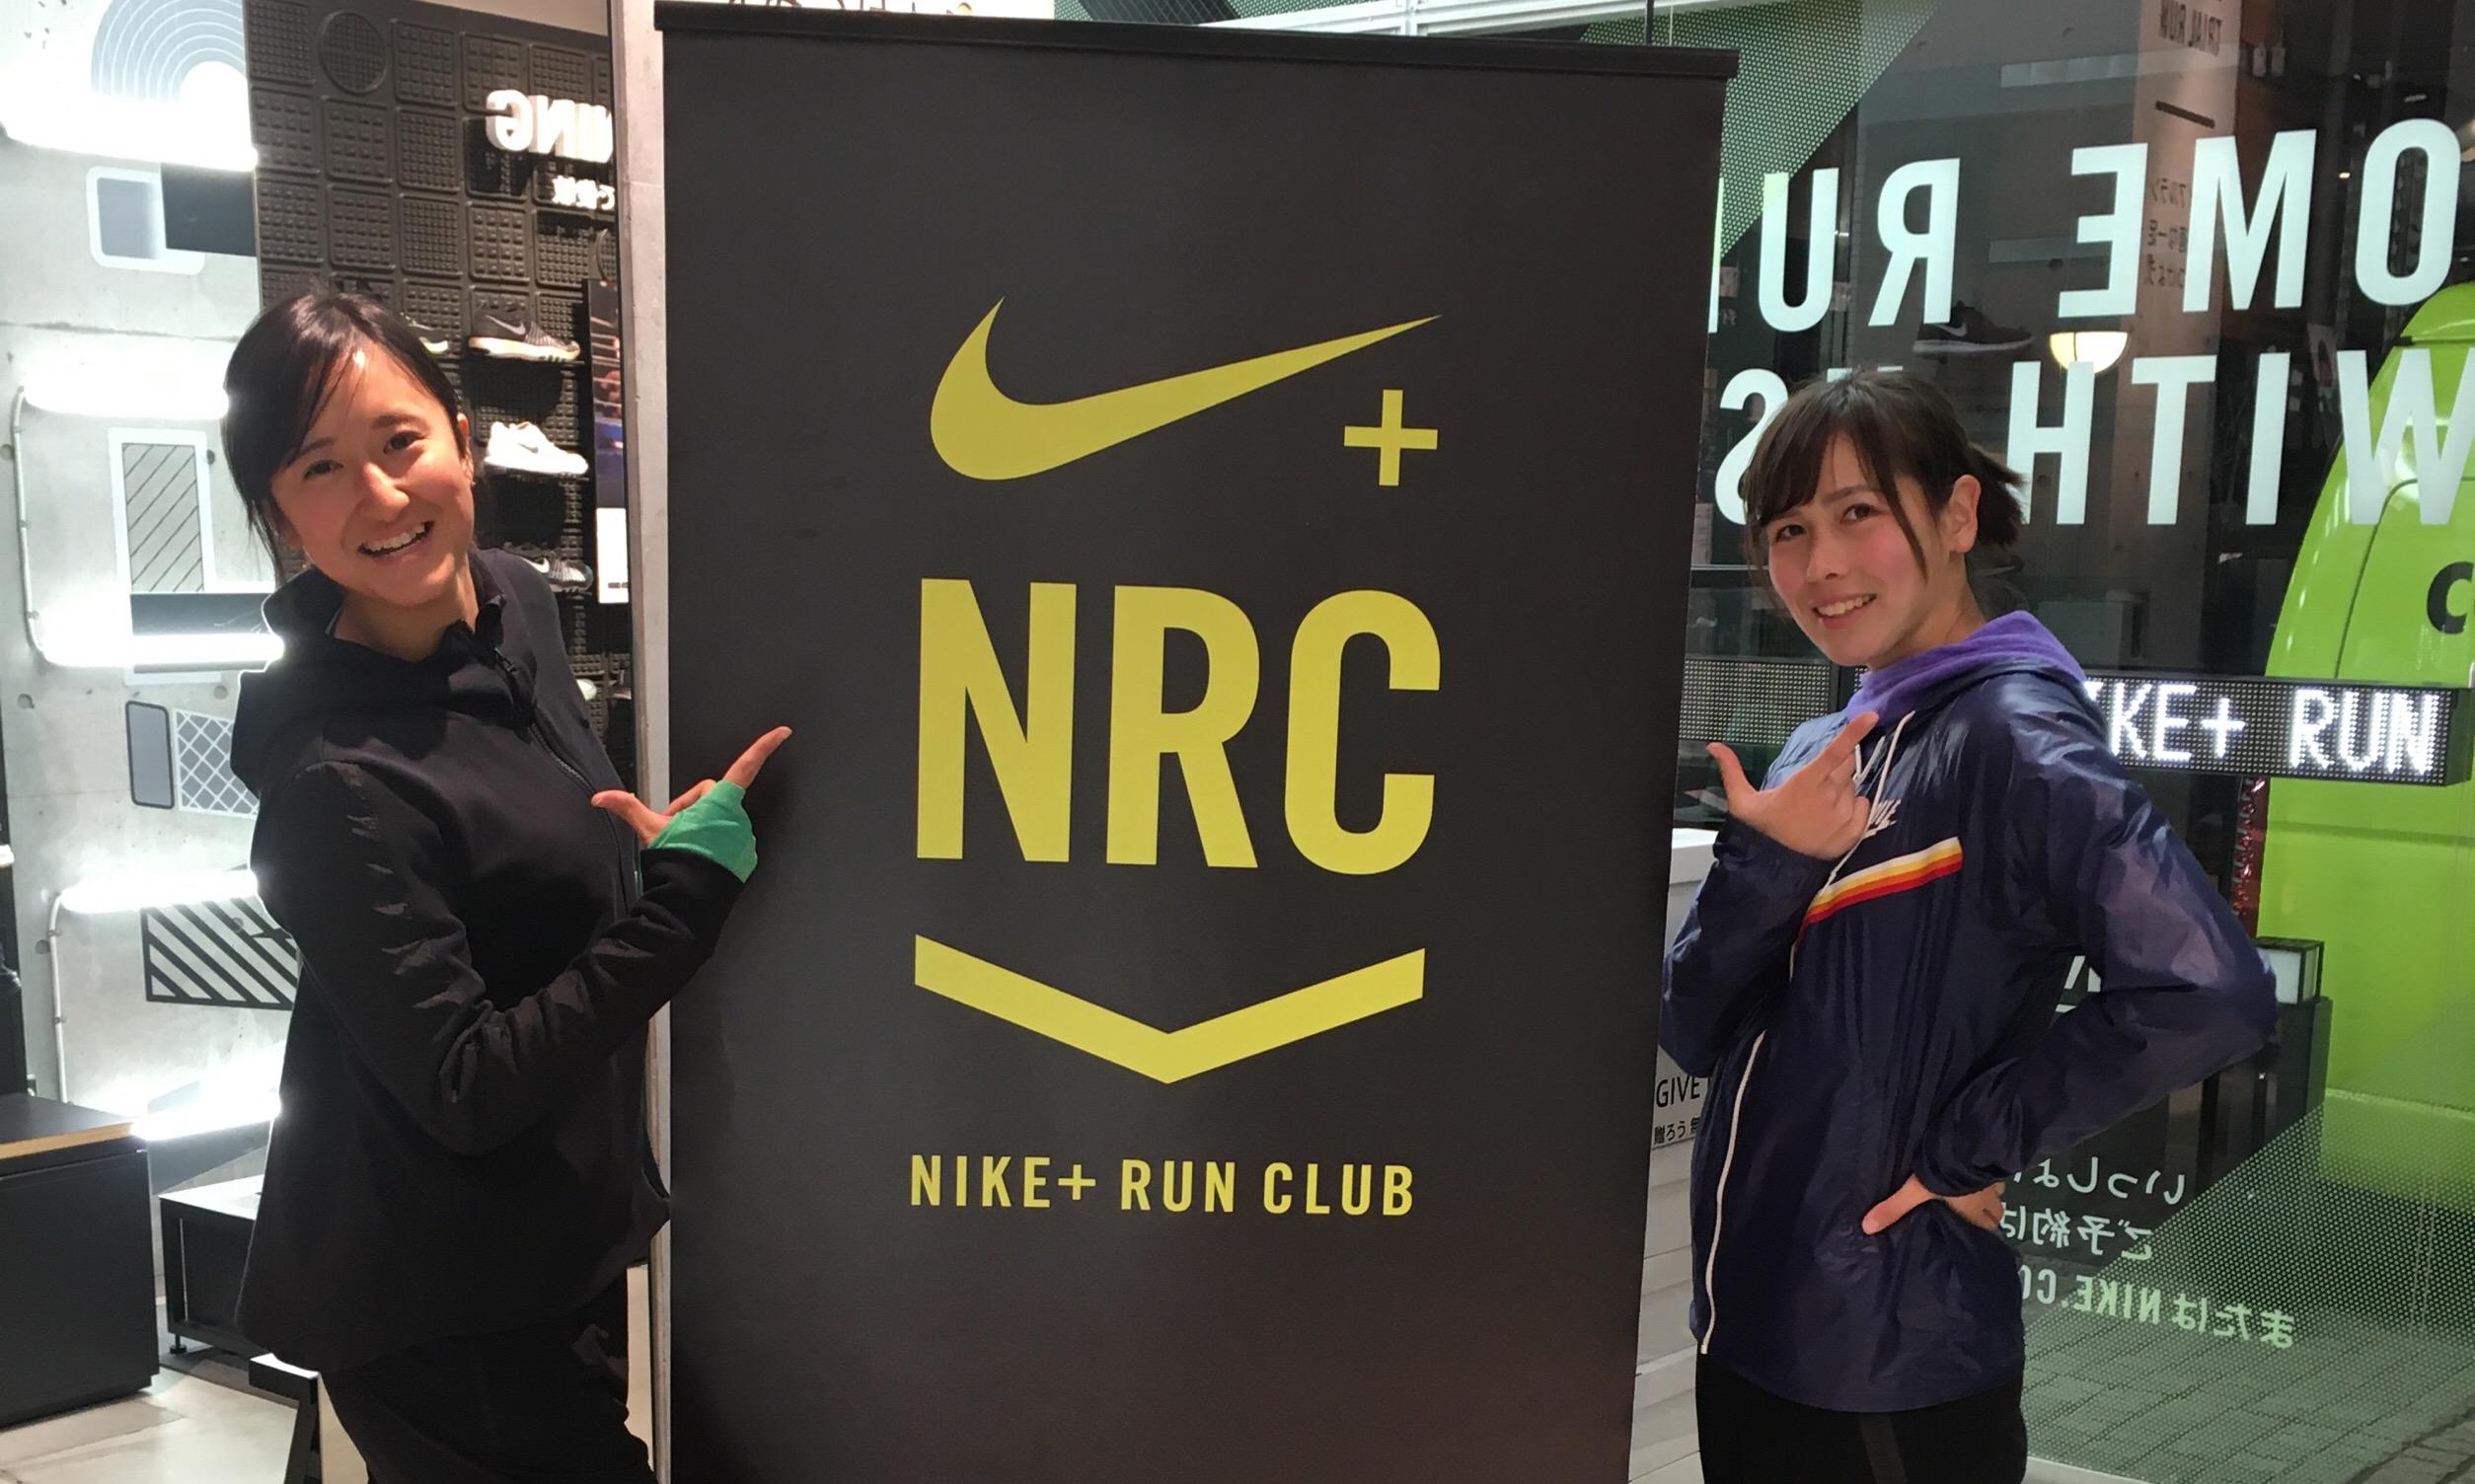 マラソン 学生 NRC